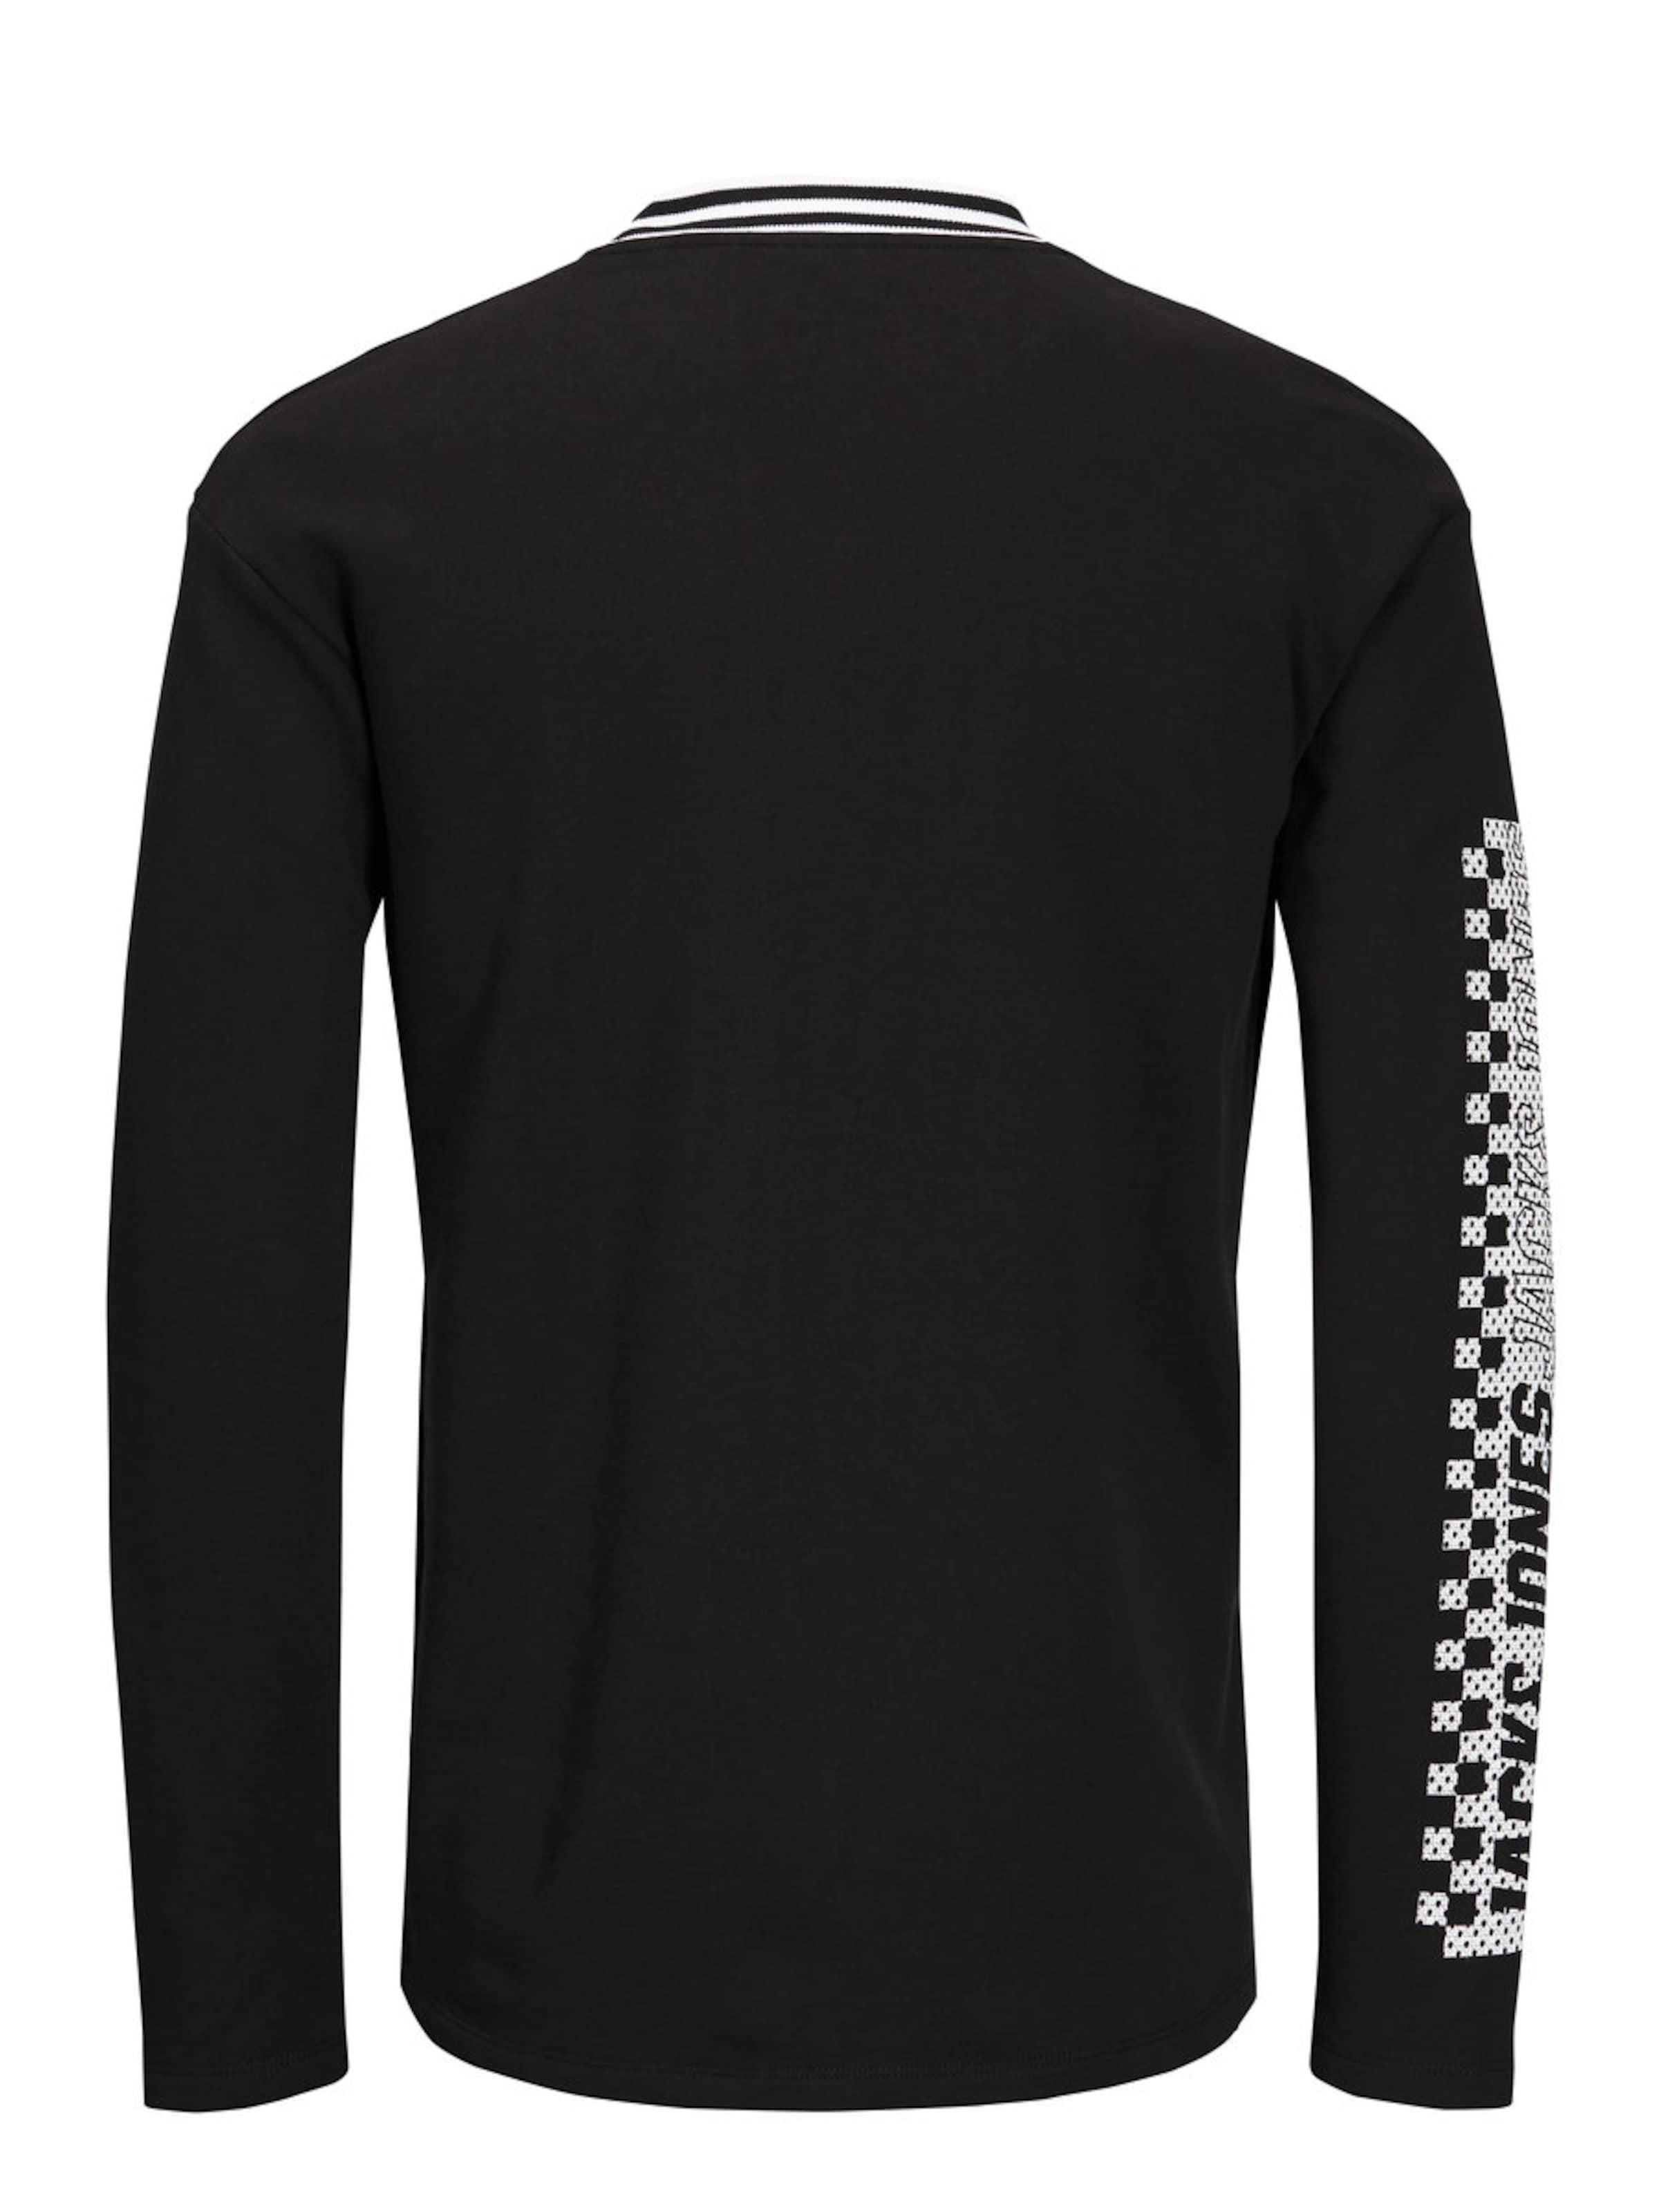 Verkauf Sneakernews JACK & JONES Grafik Sweatshirt Billig Verkaufen Klassisch Spielraum Beliebt Xx8b2